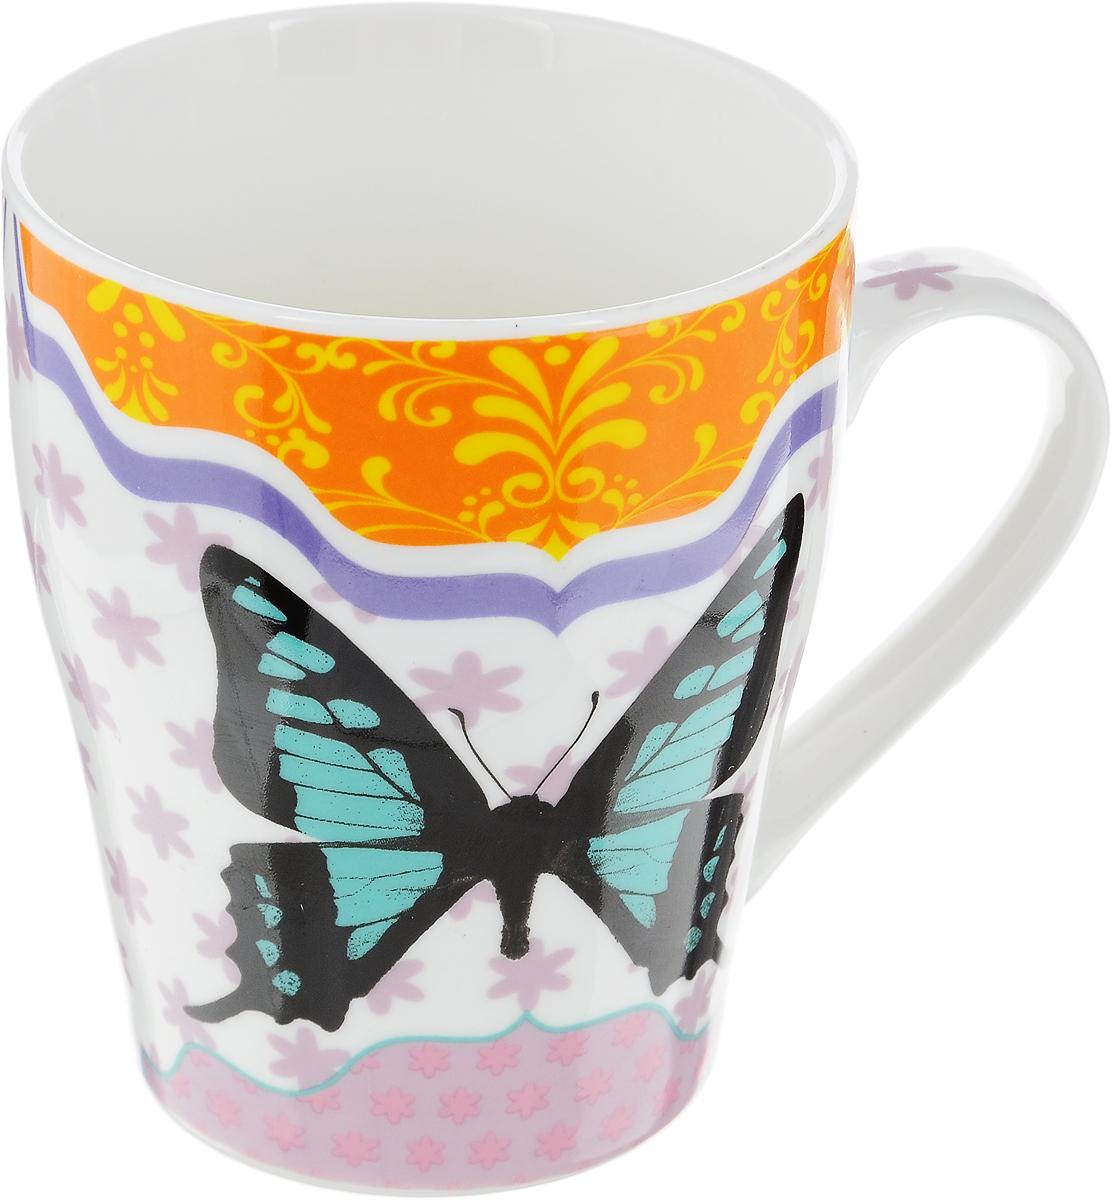 Кружка Loraine Бабочка, цвет: белый, бирюзовый, черный, 340 мл24454_бирюзовыйКружка Loraine Бабочка изготовлена из прочного качественного костяного фарфора. Изделие оформлено красочным рисунком. Благодаря своим термостатическим свойствам, изделие отлично сохраняет температуру содержимого - морозной зимой кружка будет согревать вас горячим чаем, а знойным летом, напротив, радовать прохладными напитками. Такой аксессуар создаст атмосферу тепла и уюта, настроит на позитивный лад и подарит хорошее настроение с самого утра. Это оригинальное изделие идеально подойдет в подарок близкому человеку. Диаметр (по верхнему краю): 8 см. Высота кружки: 10 см.